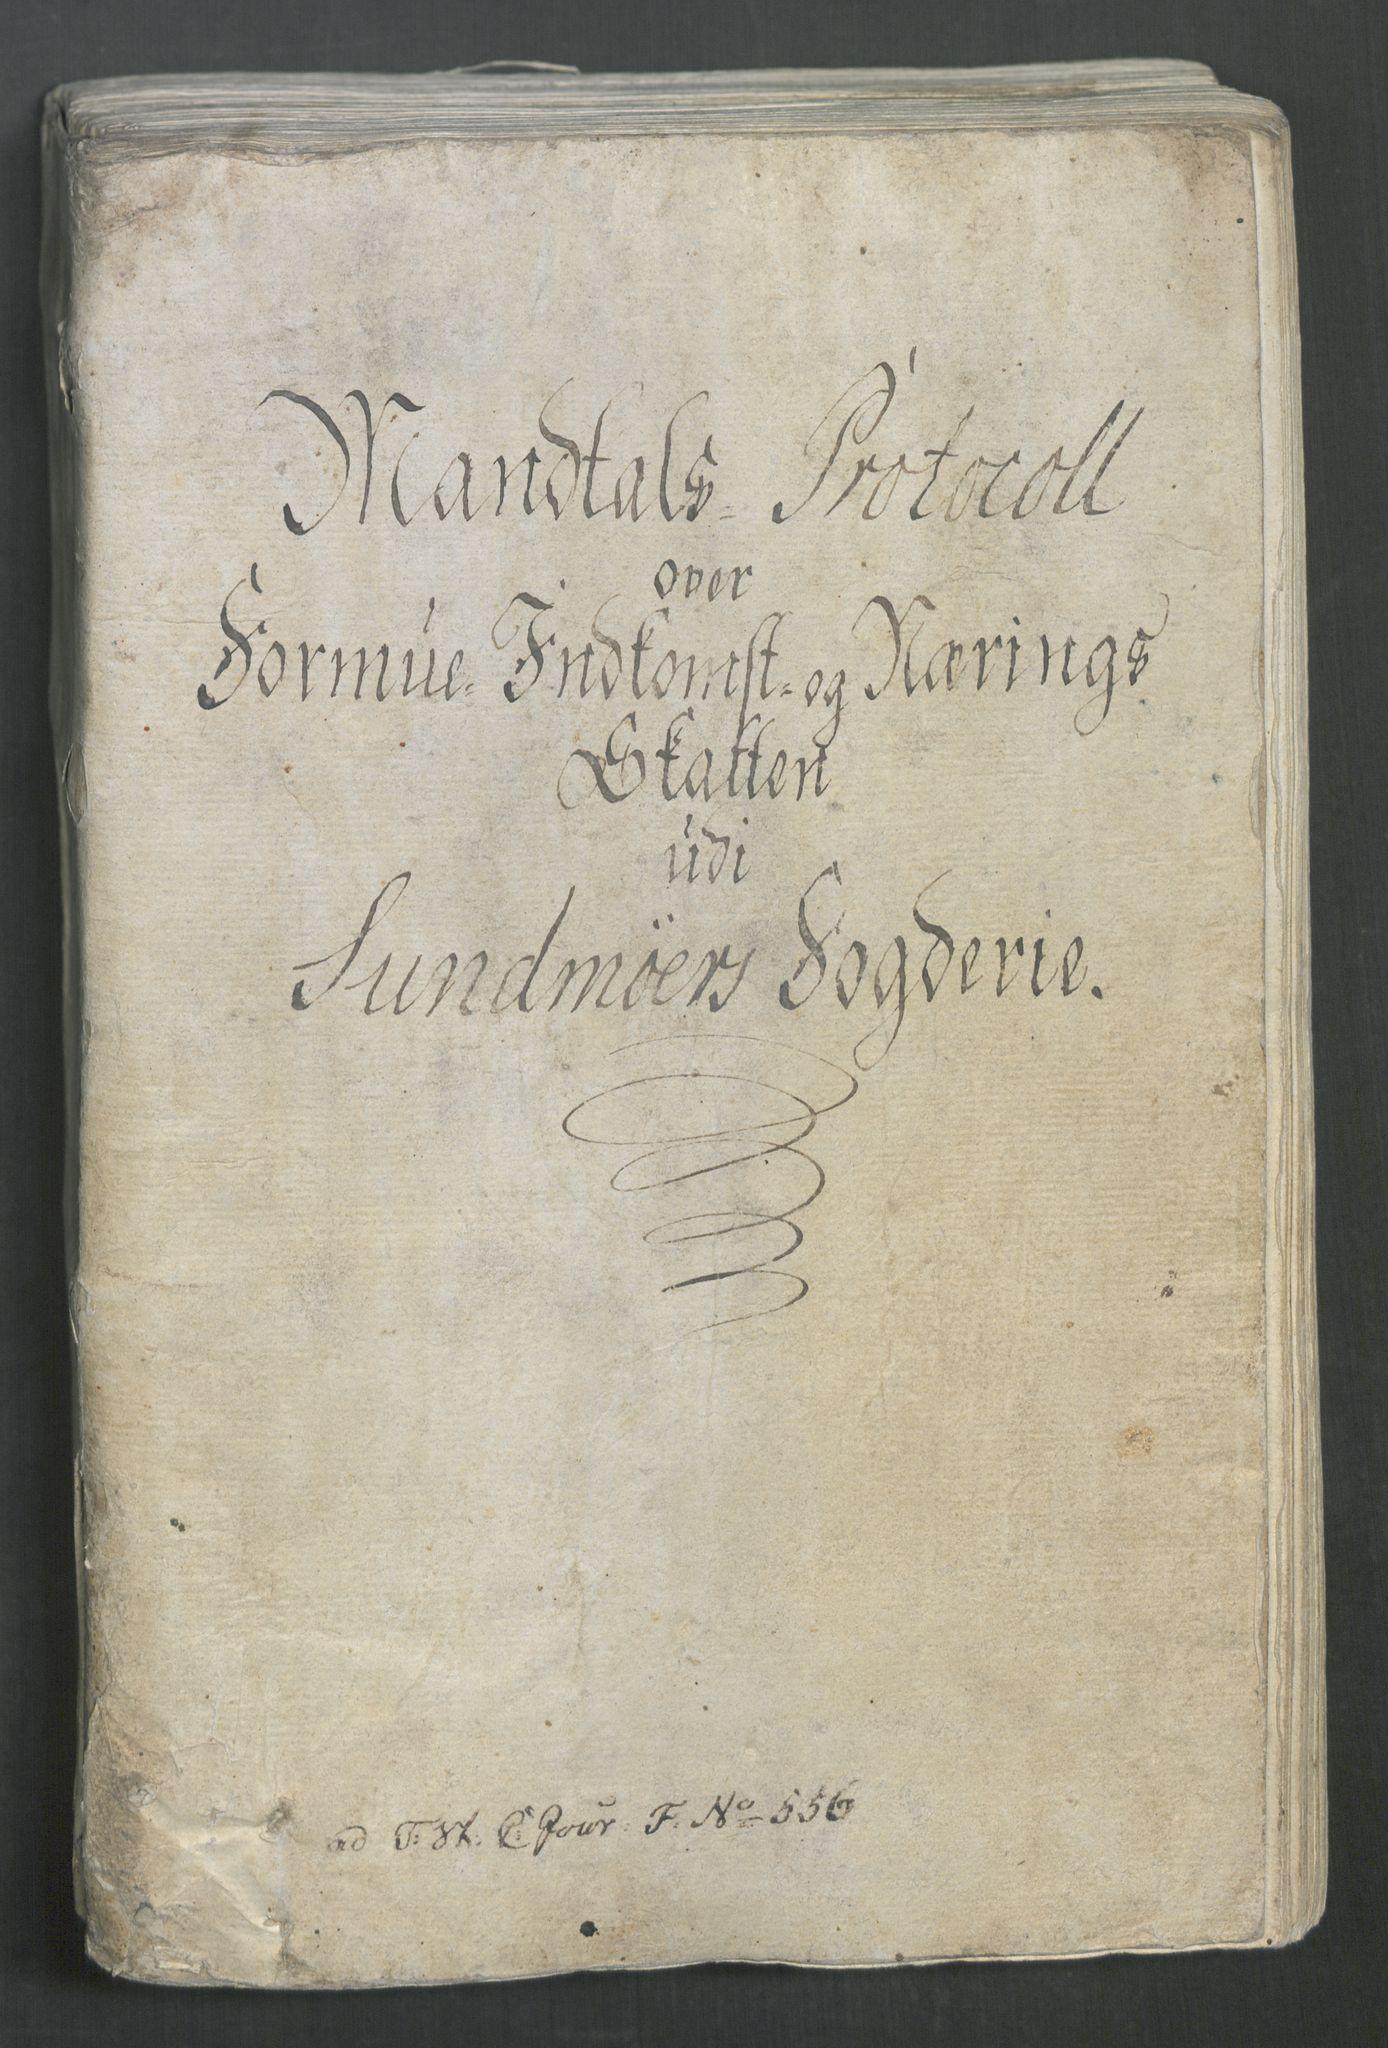 RA, Rentekammeret inntil 1814, Reviderte regnskaper, Mindre regnskaper, Rf/Rfe/L0050: Sunnmøre fogderi, Toten fogderi, 1789, s. 3